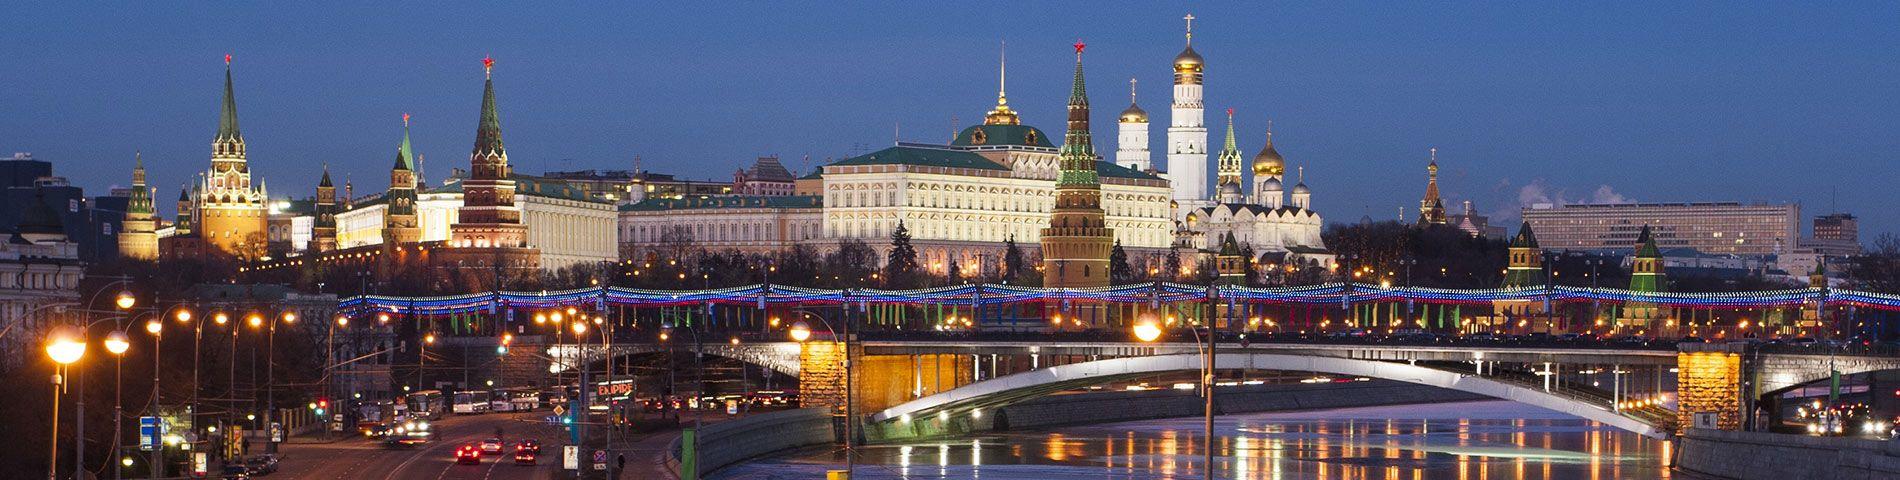 Risultati immagini per MOSCA IMMAGINI?